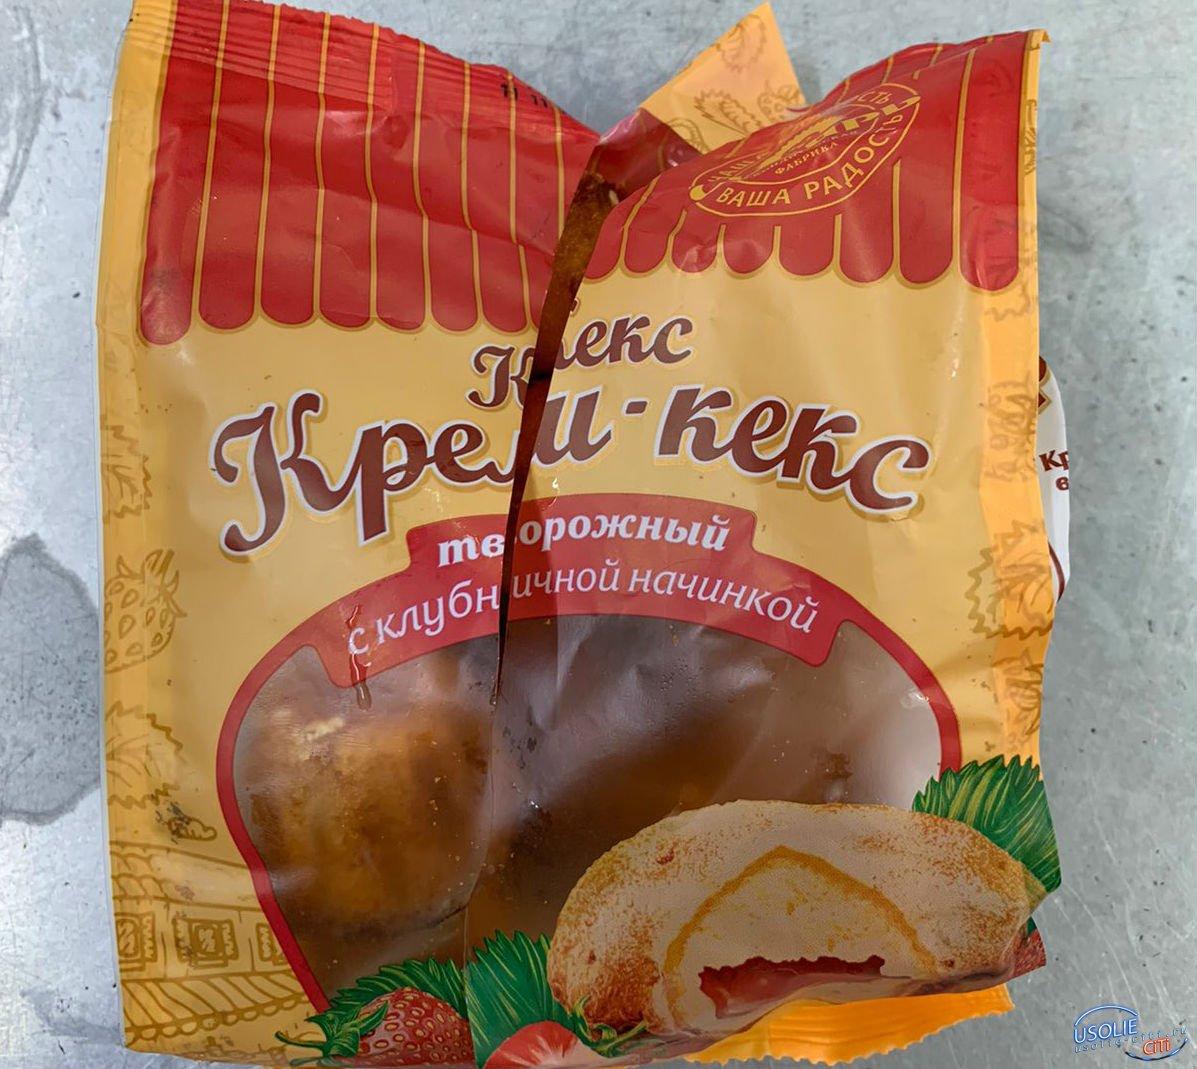 В Абсолюте в Усолье продают кексы с плесенью